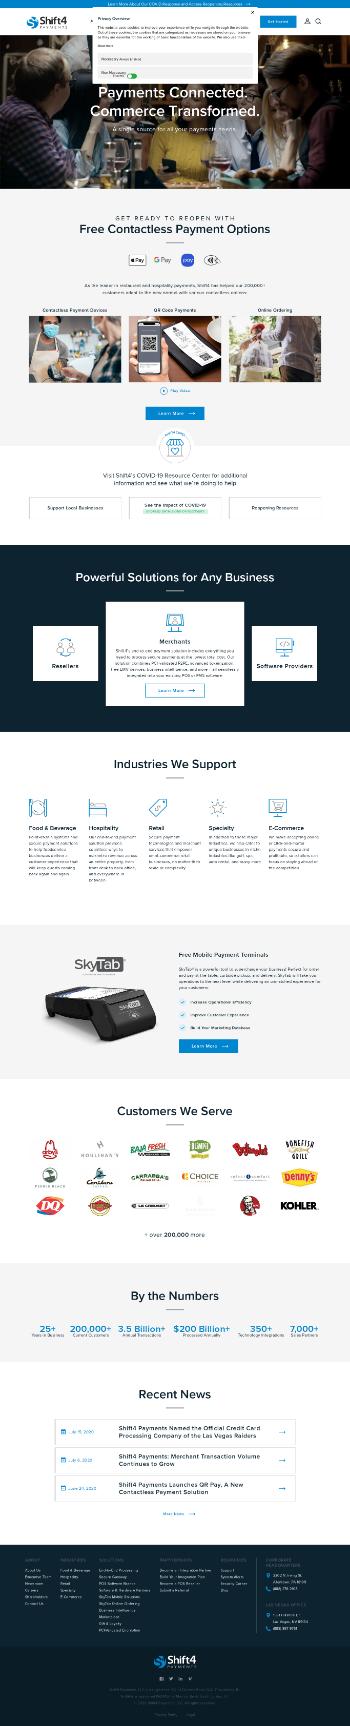 Shift4 Payments, Inc. Website Screenshot